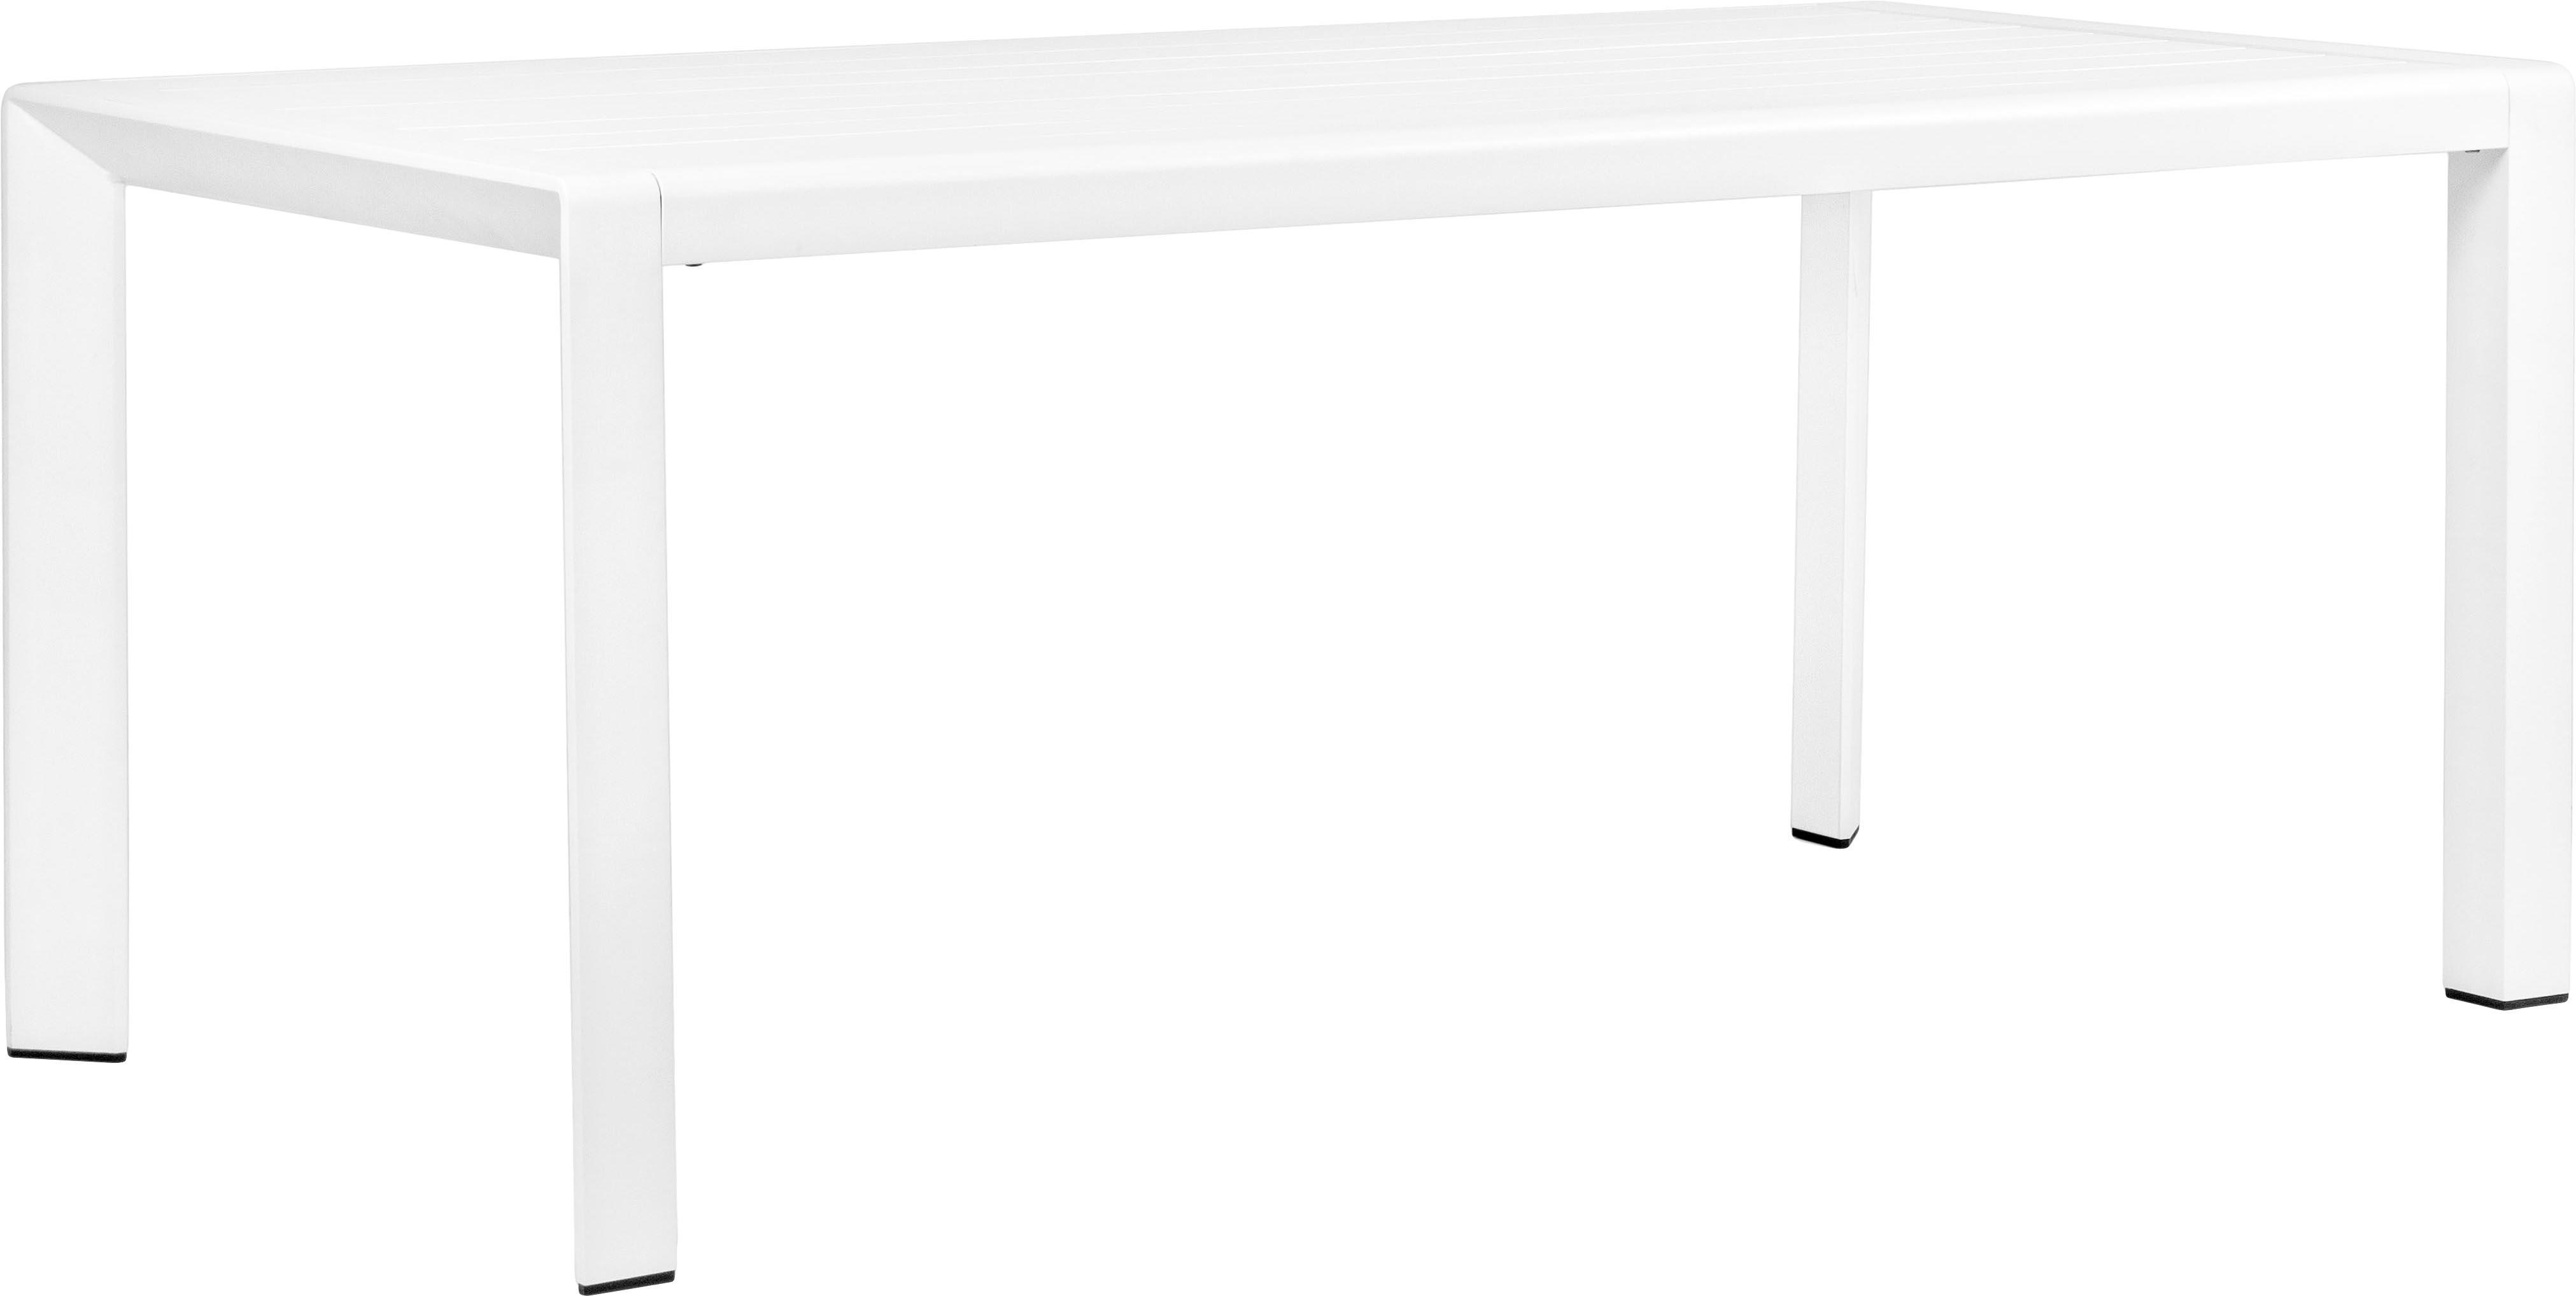 Gartentisch Kirby, Aluminium, pulverbeschichtet, Weiss, B 180 x T 90 cm